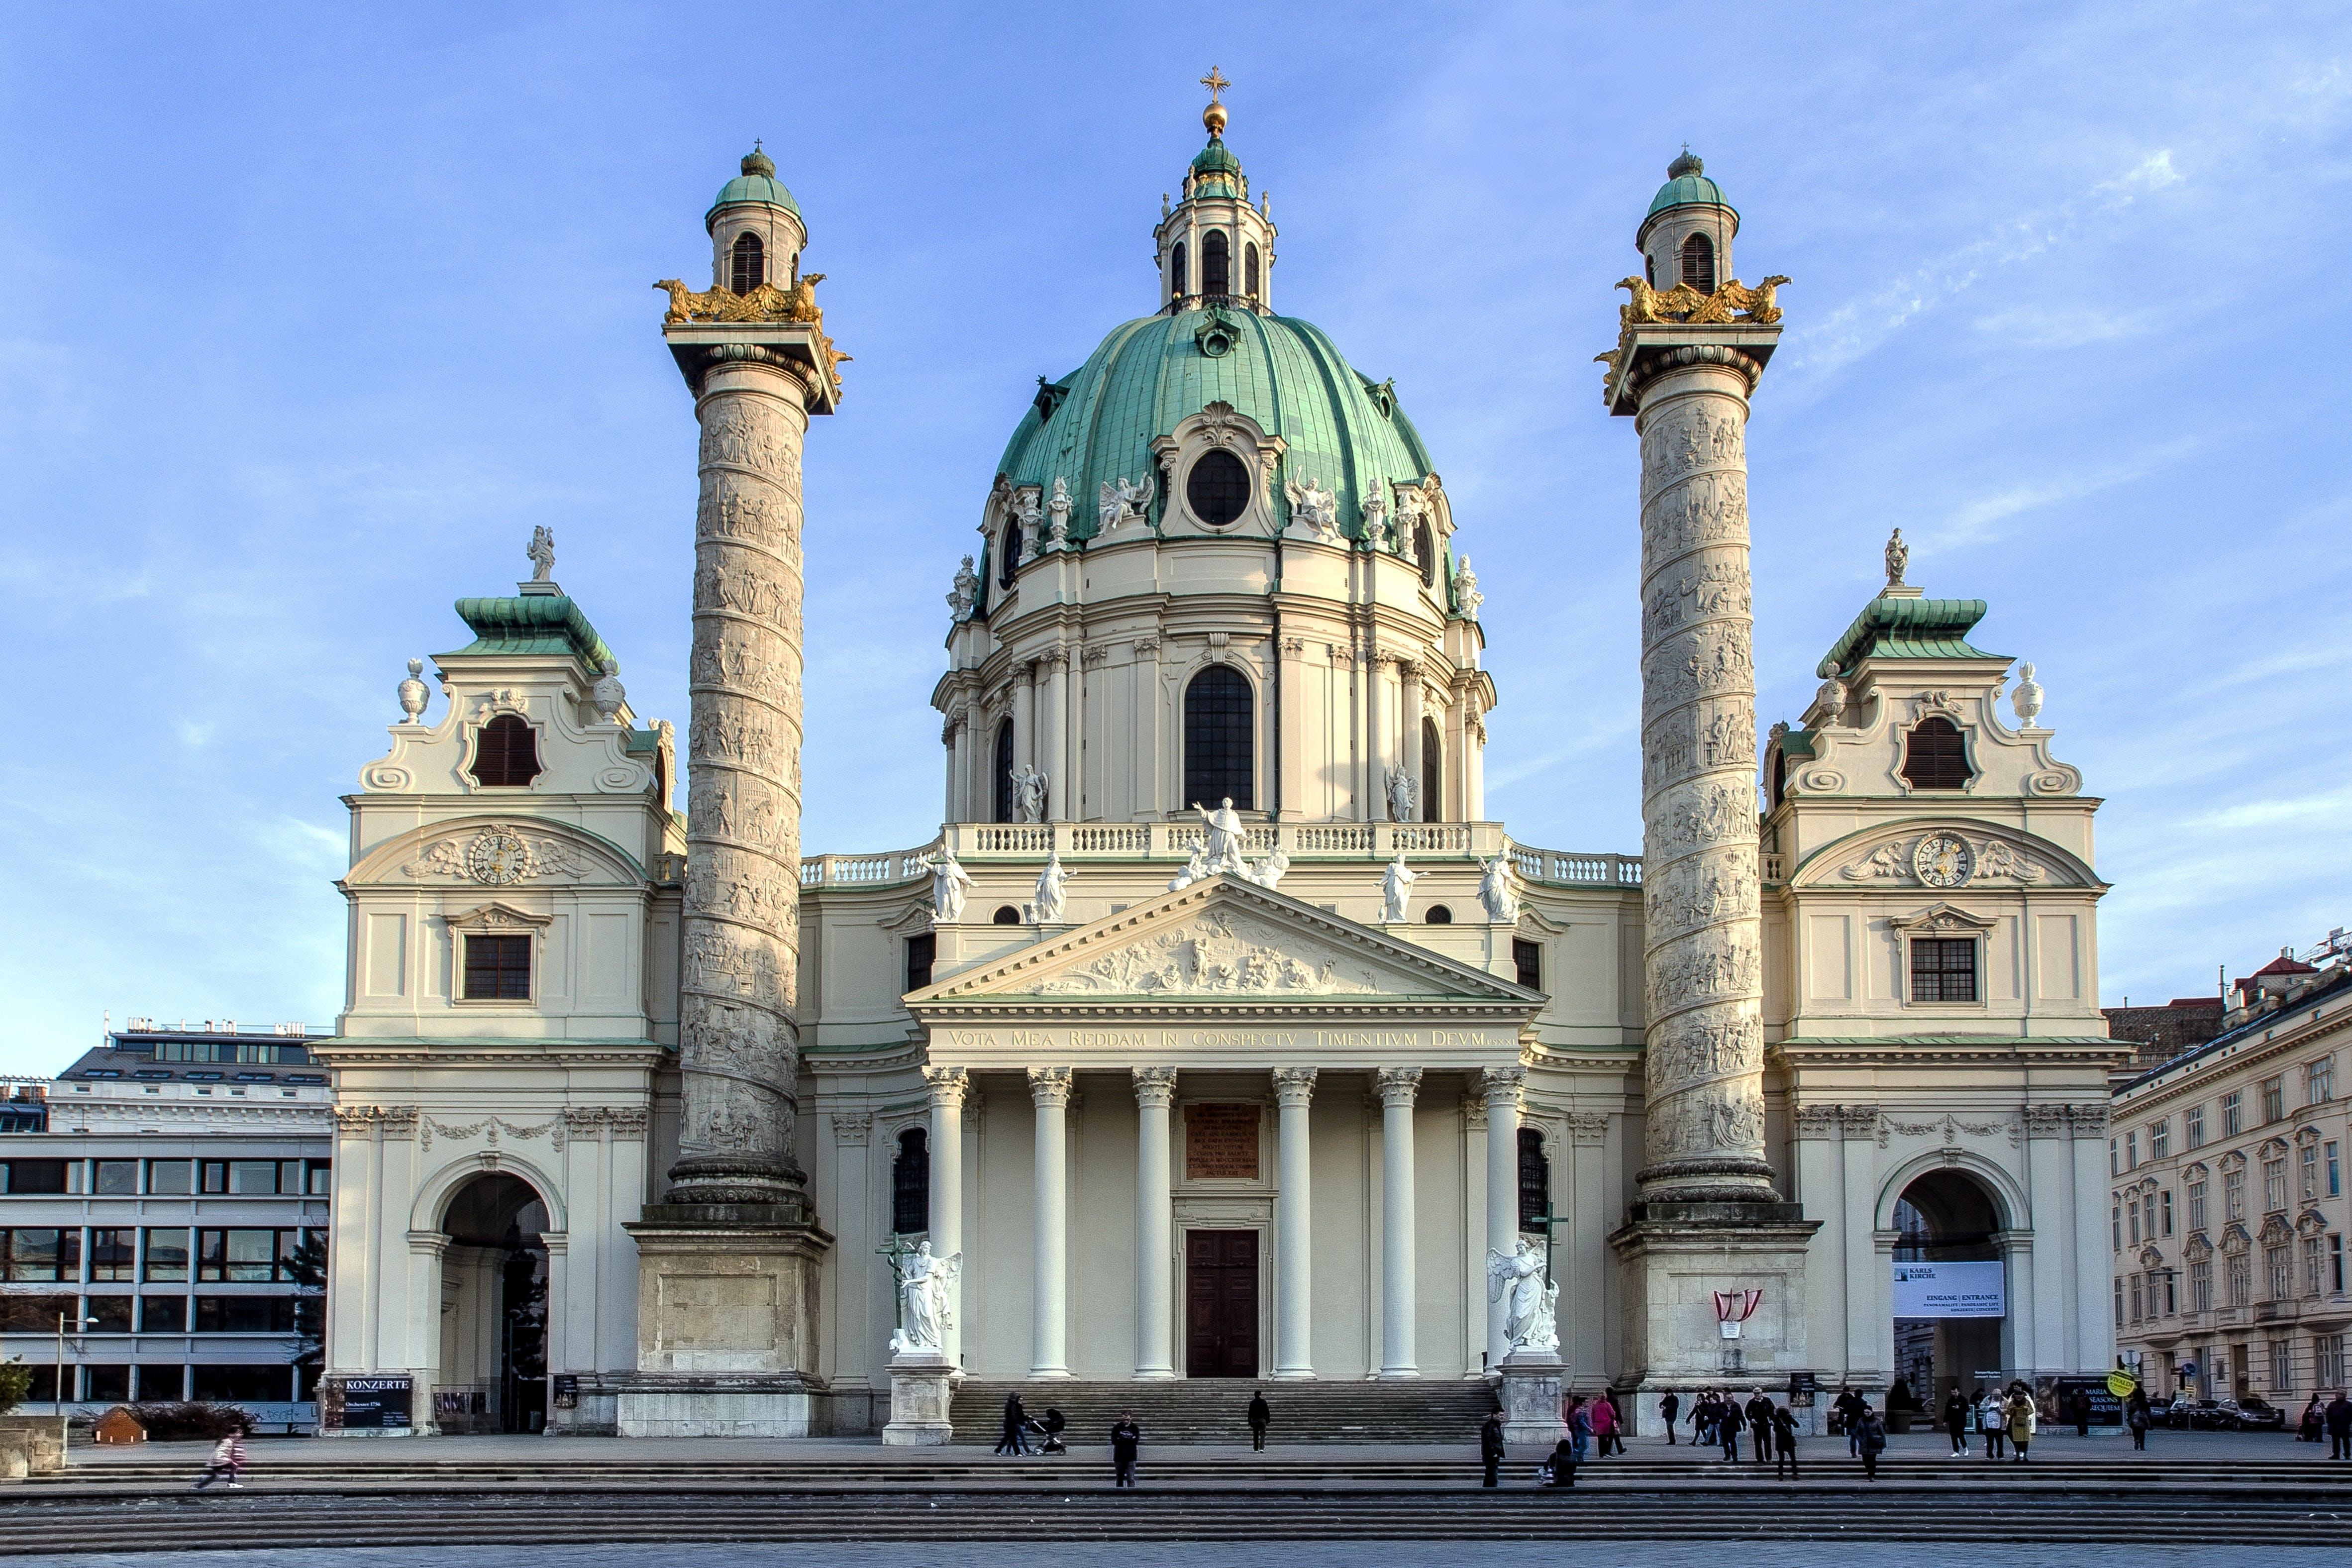 antiguo, arquitectura, Austria